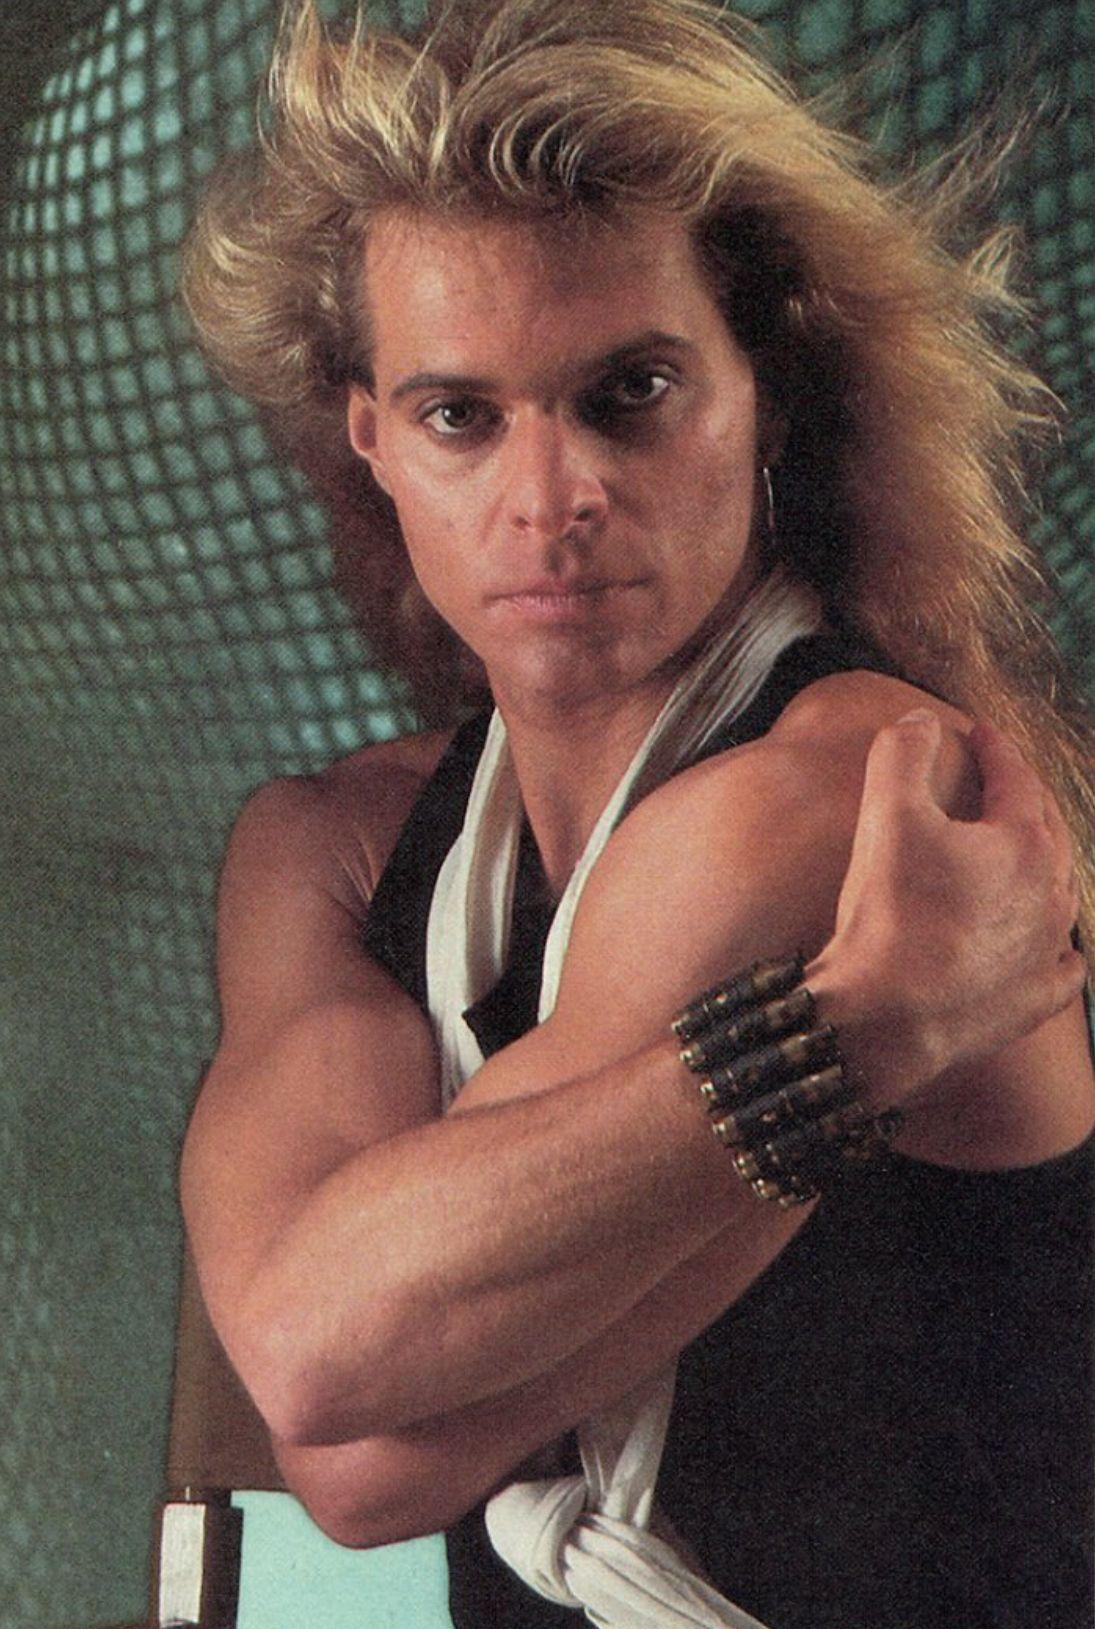 Pin By Courtney Harter On Van Halen Van Halen Singer David Lee Roth